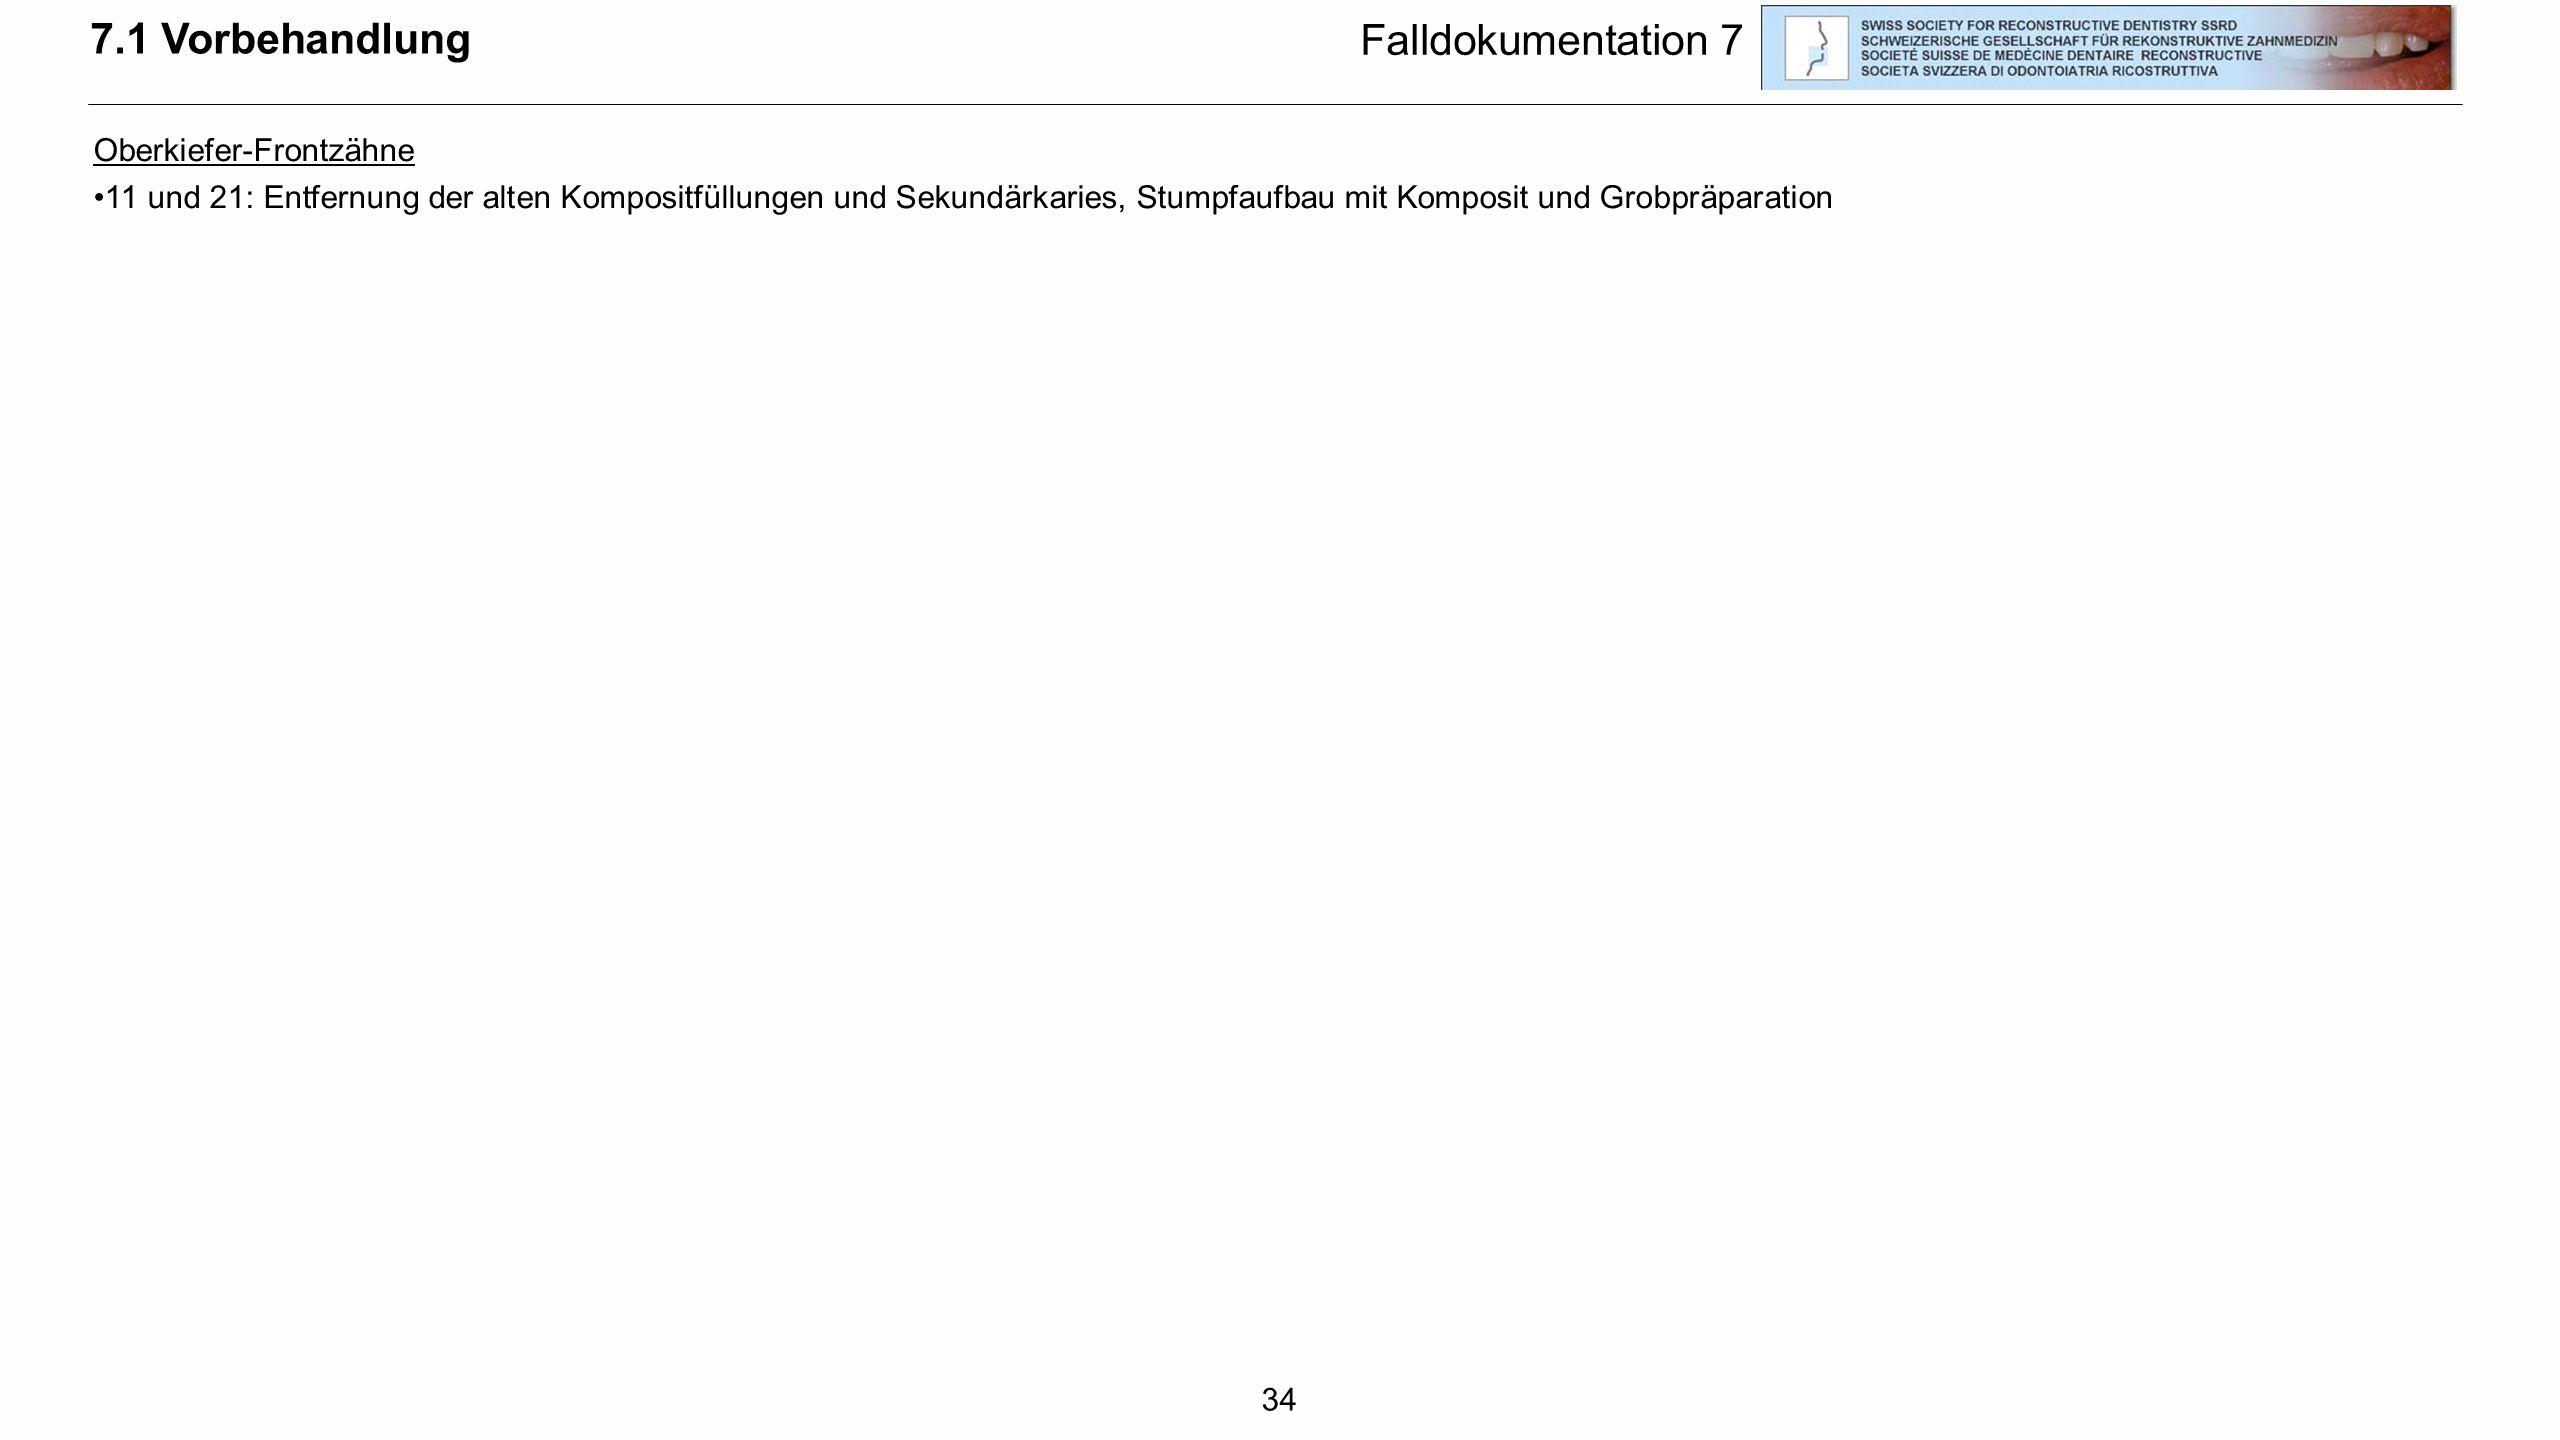 34 7.1 Vorbehandlung Falldokumentation 7 Oberkiefer-Frontzähne 11 und 21: Entfernung der alten Kompositfüllungen und Sekundärkaries, Stumpfaufbau mit